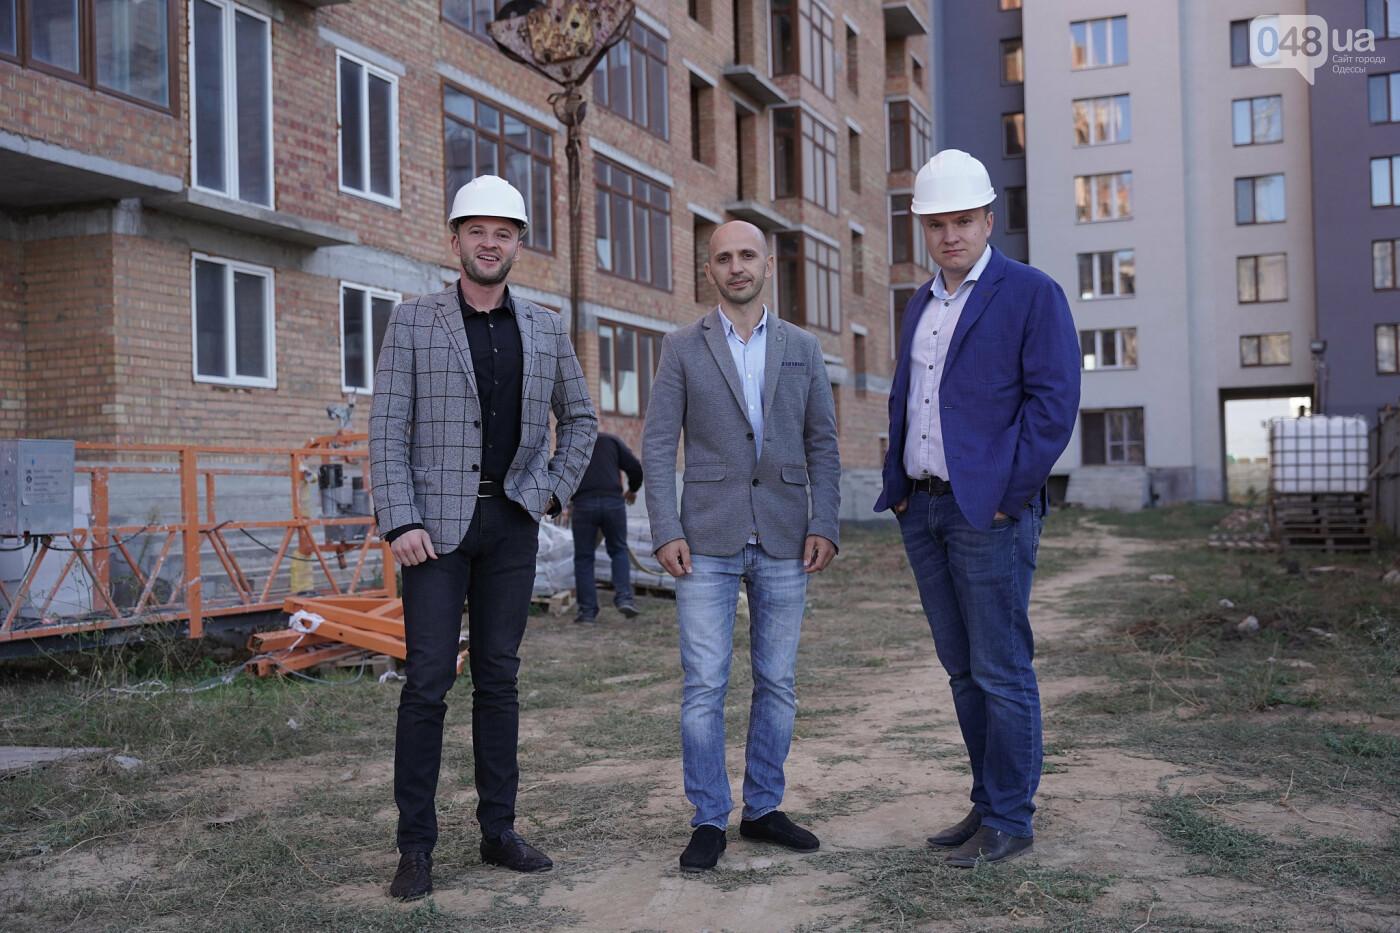 Очередной недострой в Одессе будет достроен и более 100 семей получат ключи от долгожданных квартир., фото-3